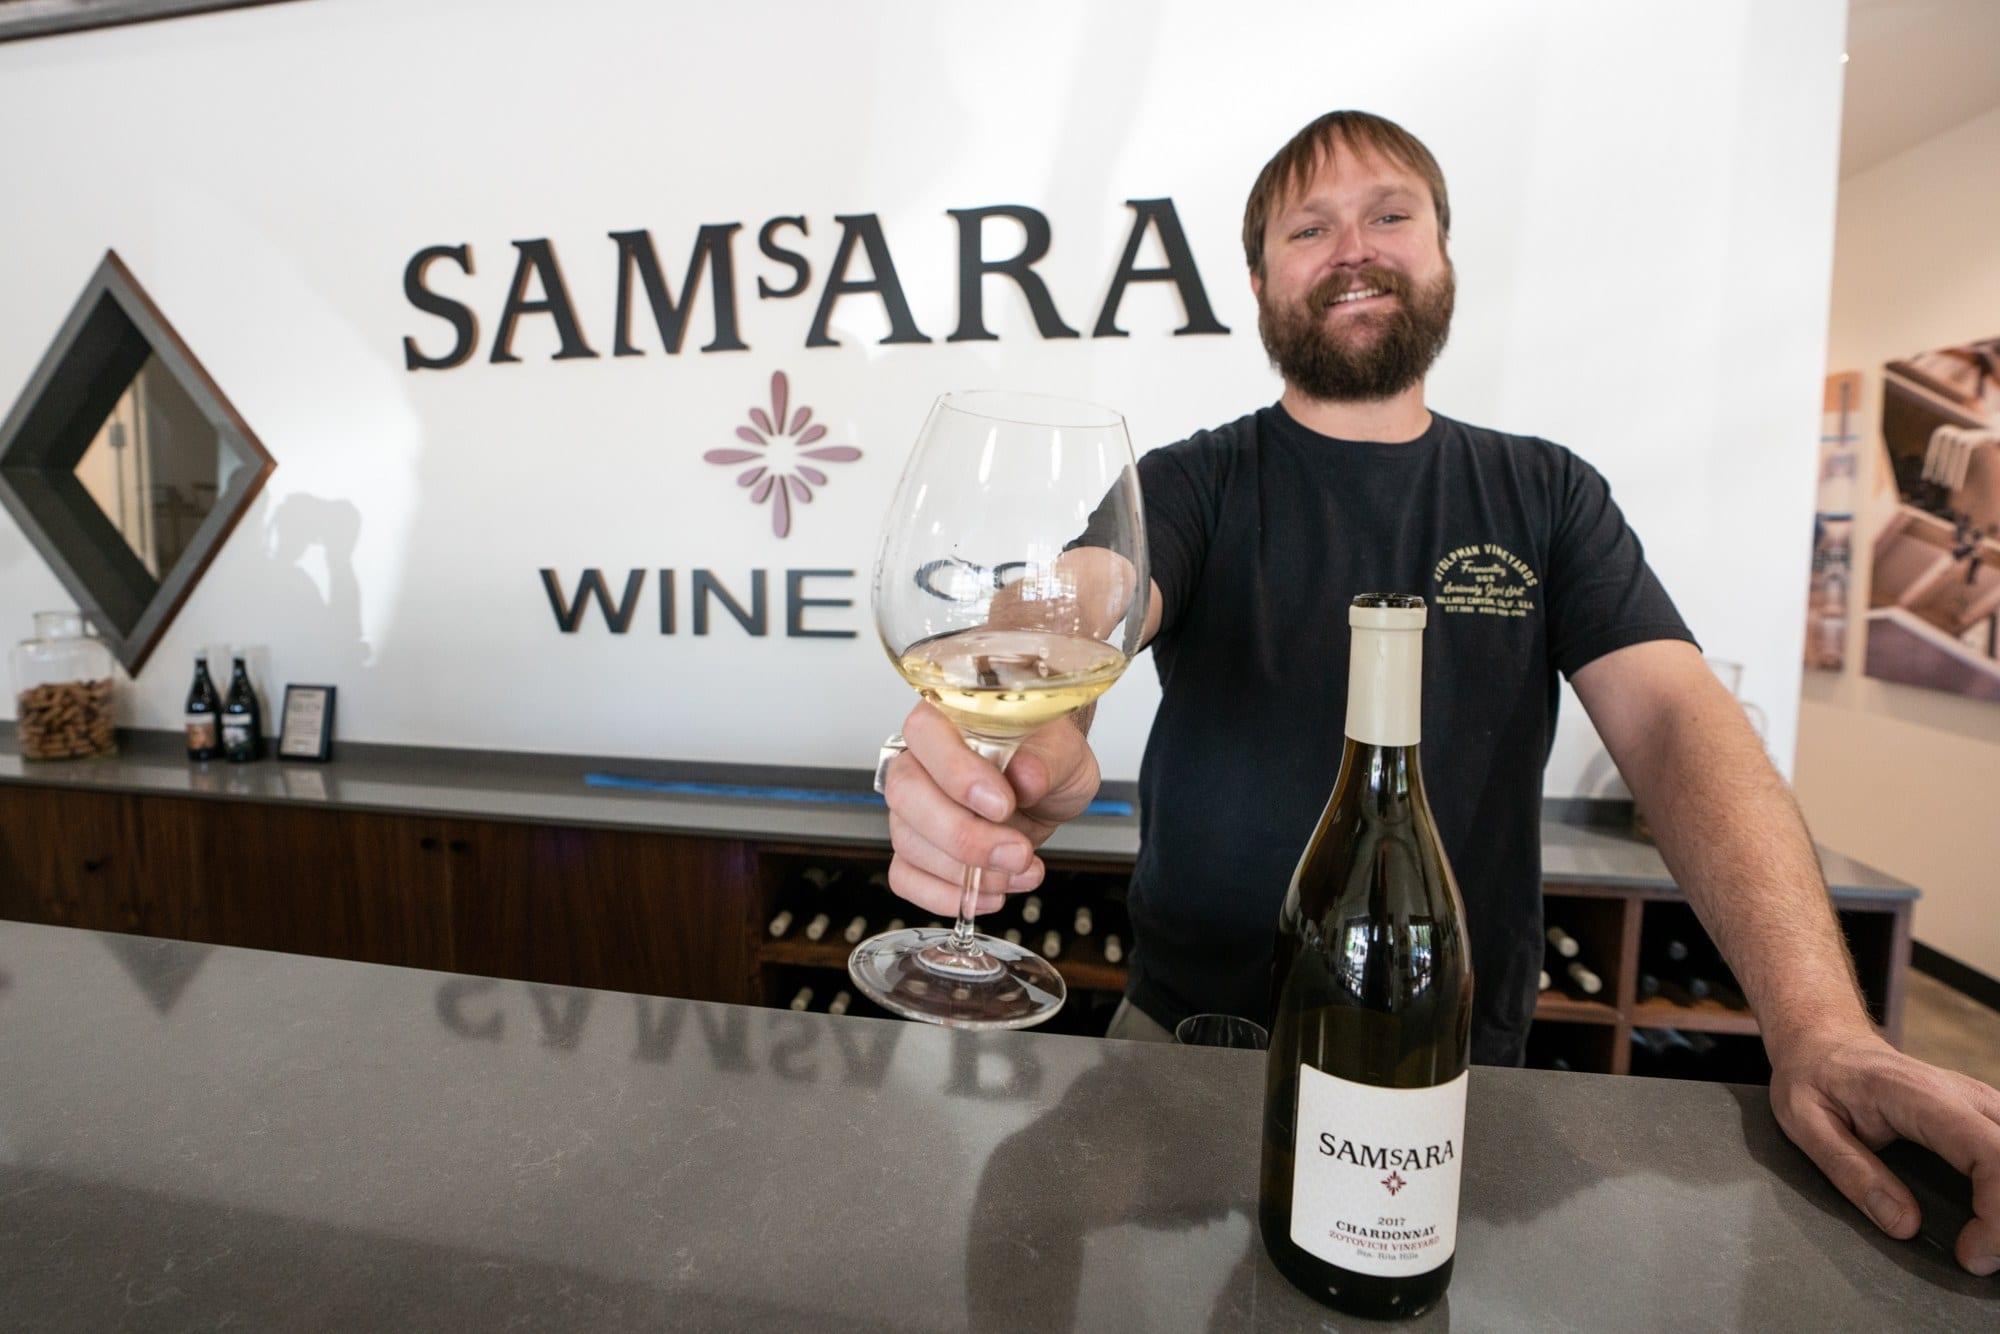 Samsara Winery in Goleta